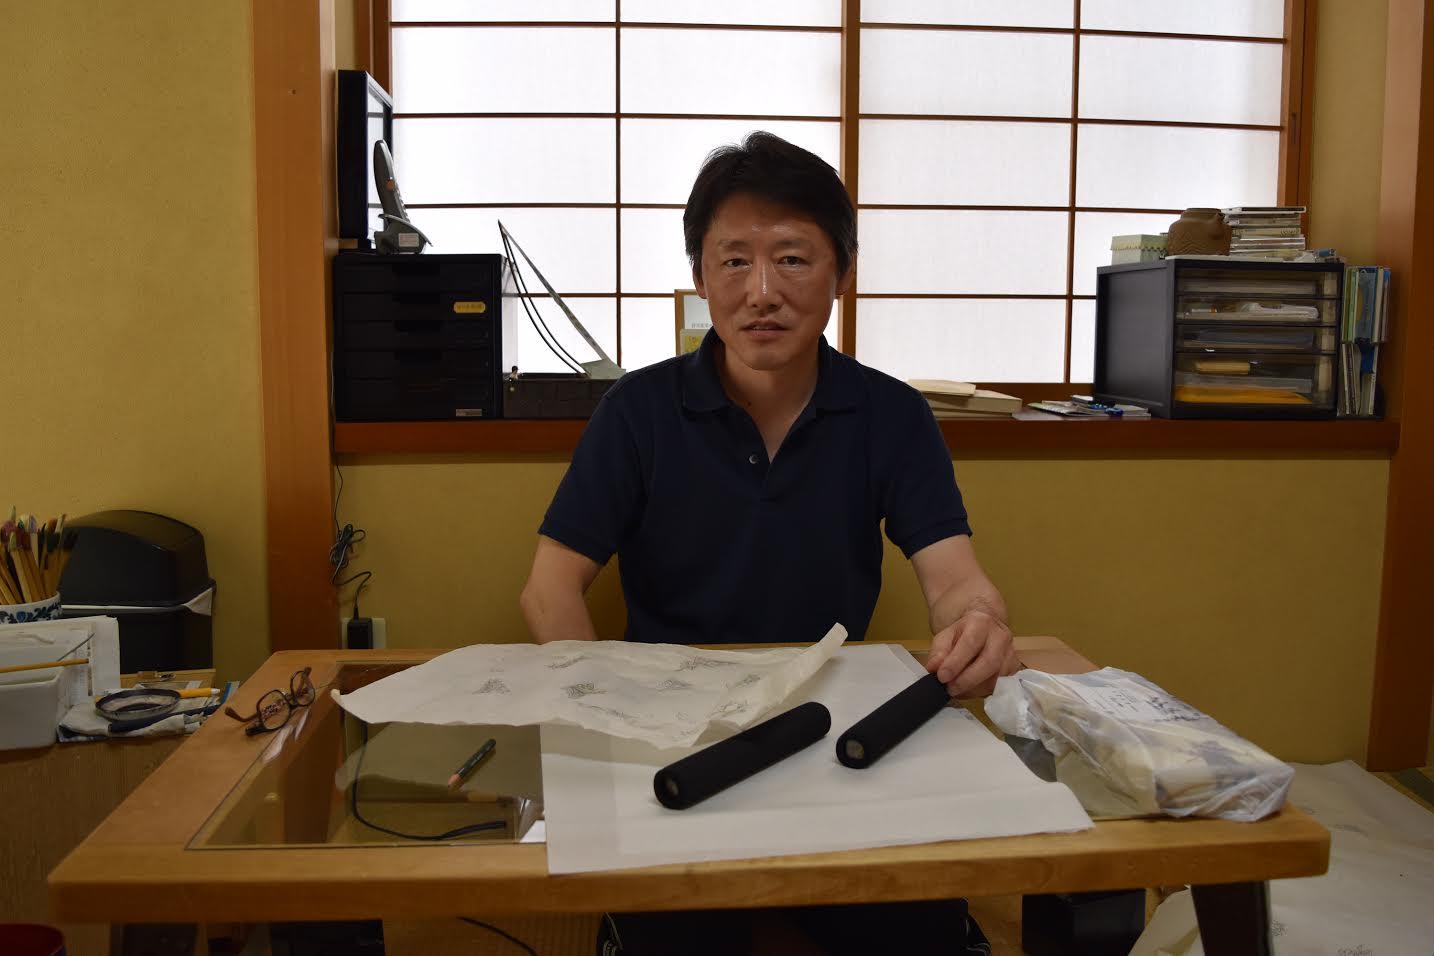 加賀友禅 作家  本 弘実 先生を訪ねて